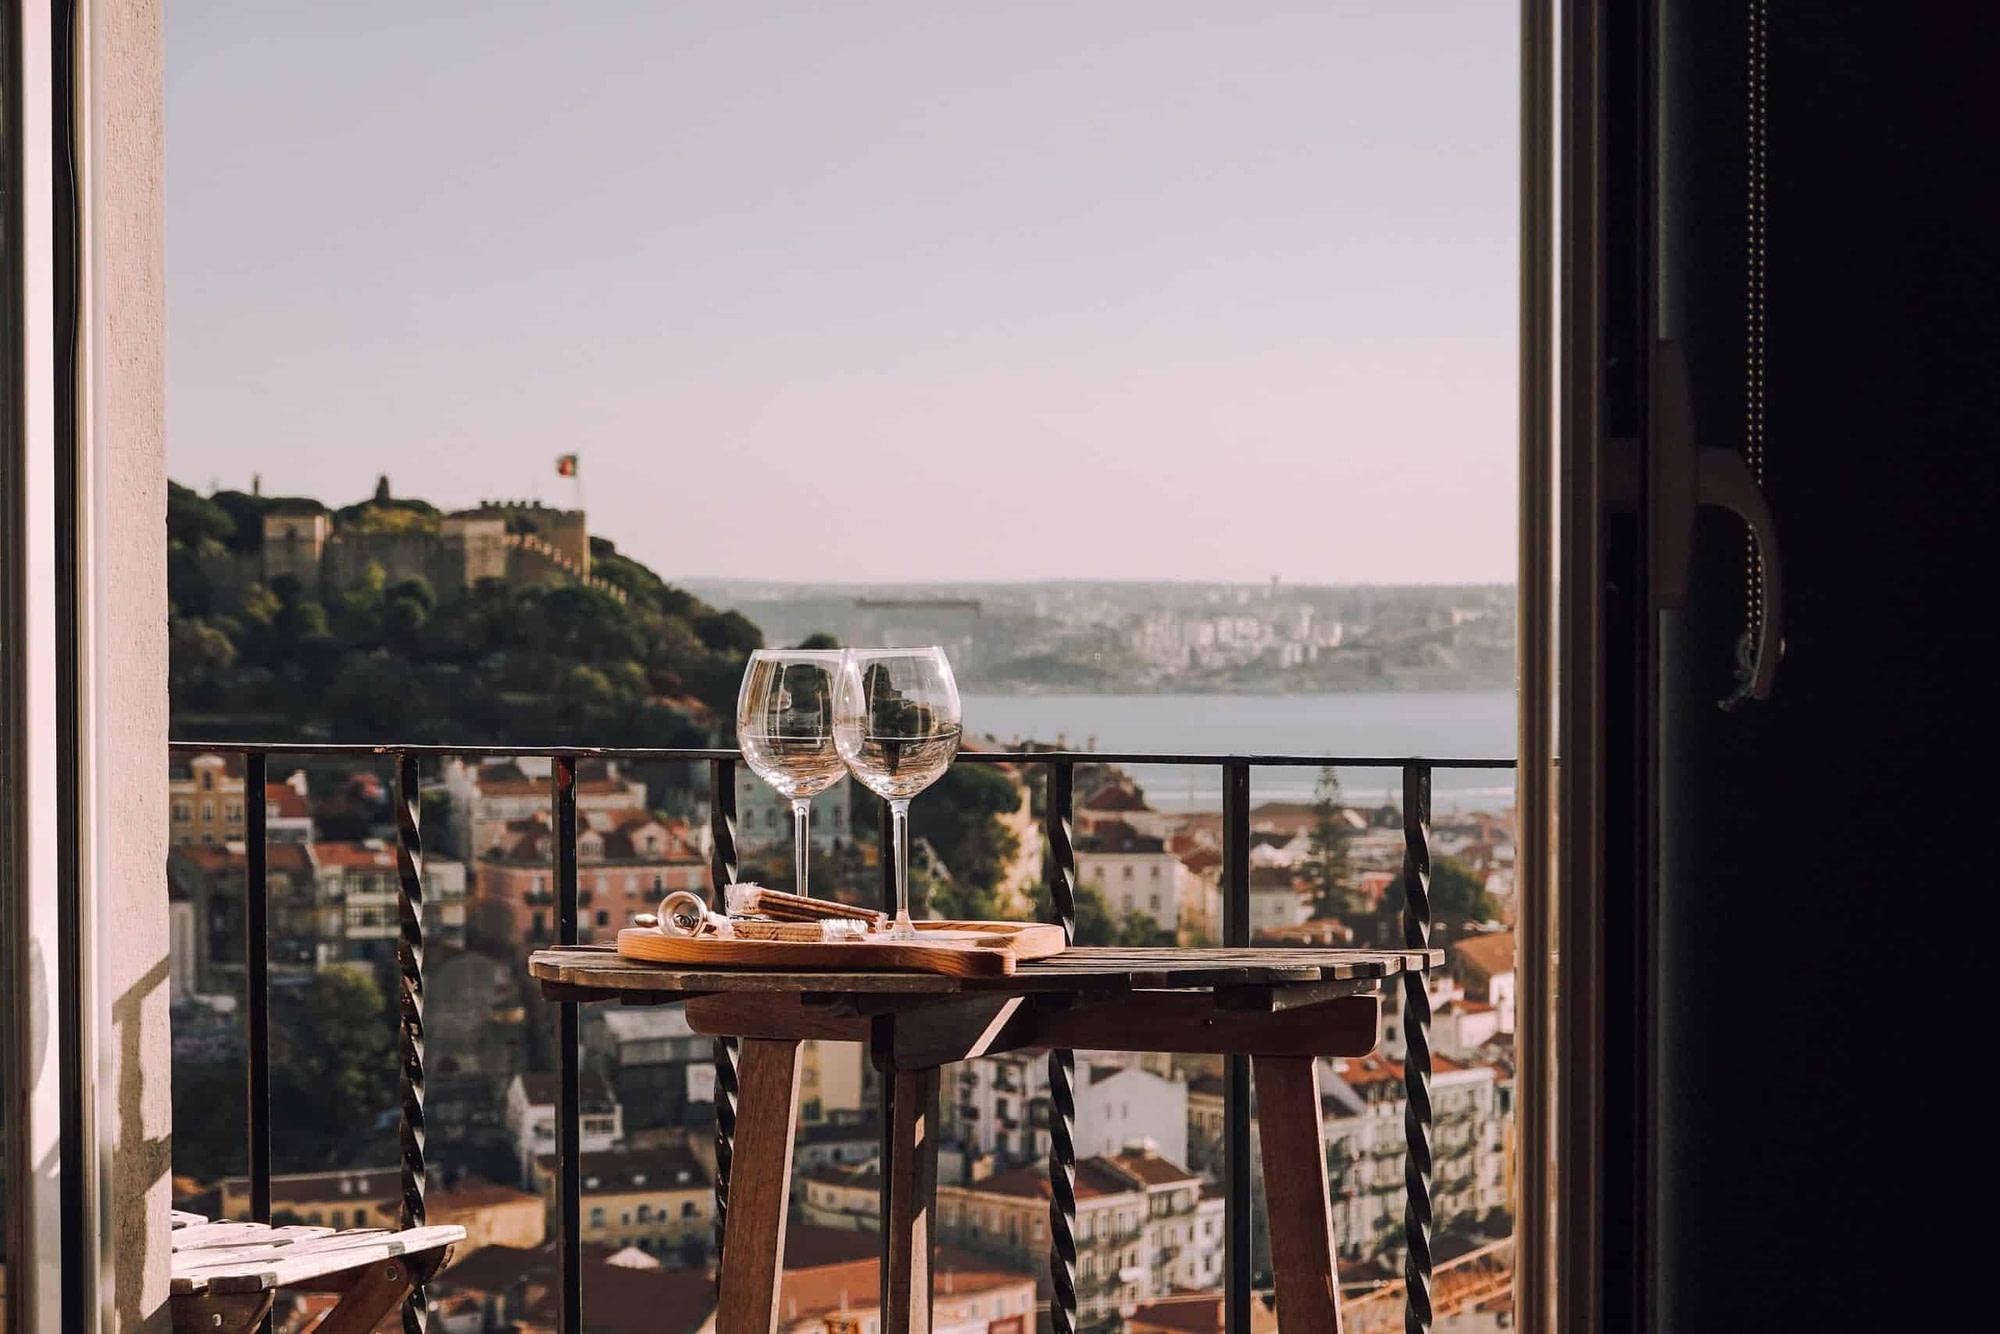 liste des bars à vin de lisbonne pour leur prix, leur qualité et la presence de vins naturels